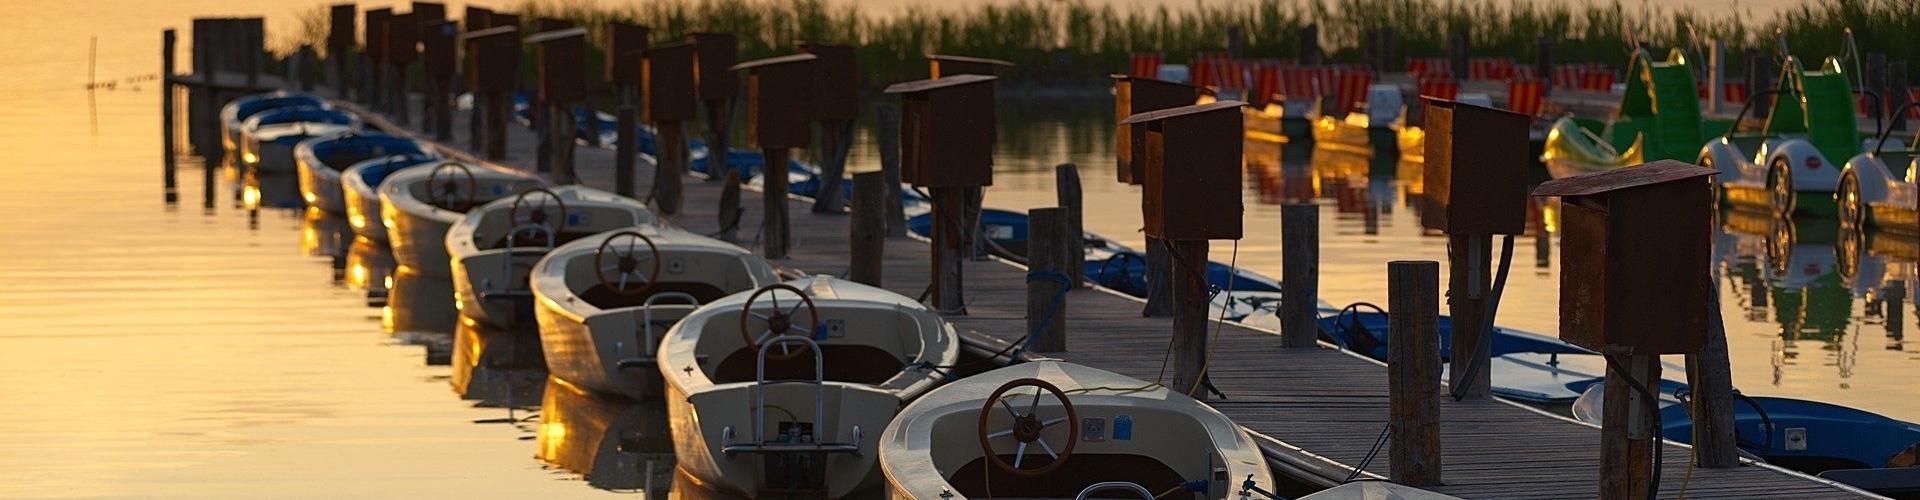 elektrische boot te koop | Elektrisch Varen Centrum